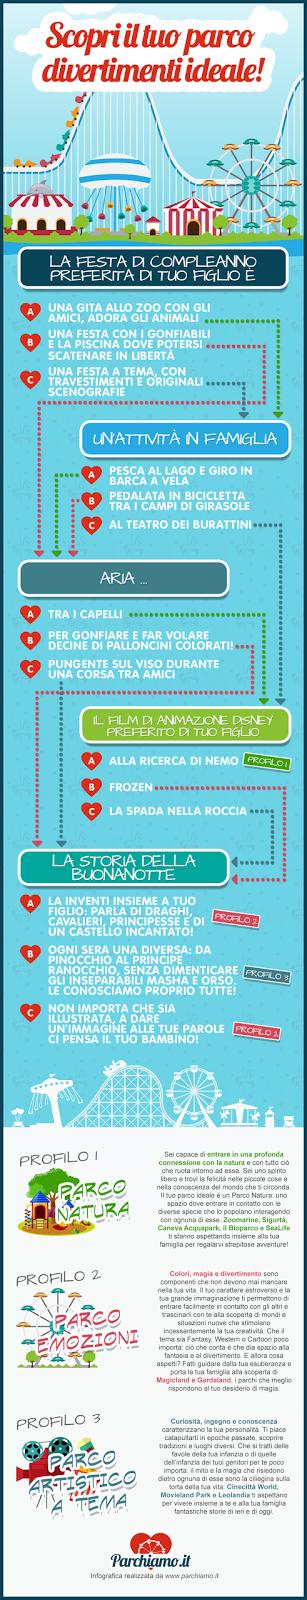 http://www.parchiamo.it/Pagine/Scopri-I-Parchi-Divertimento